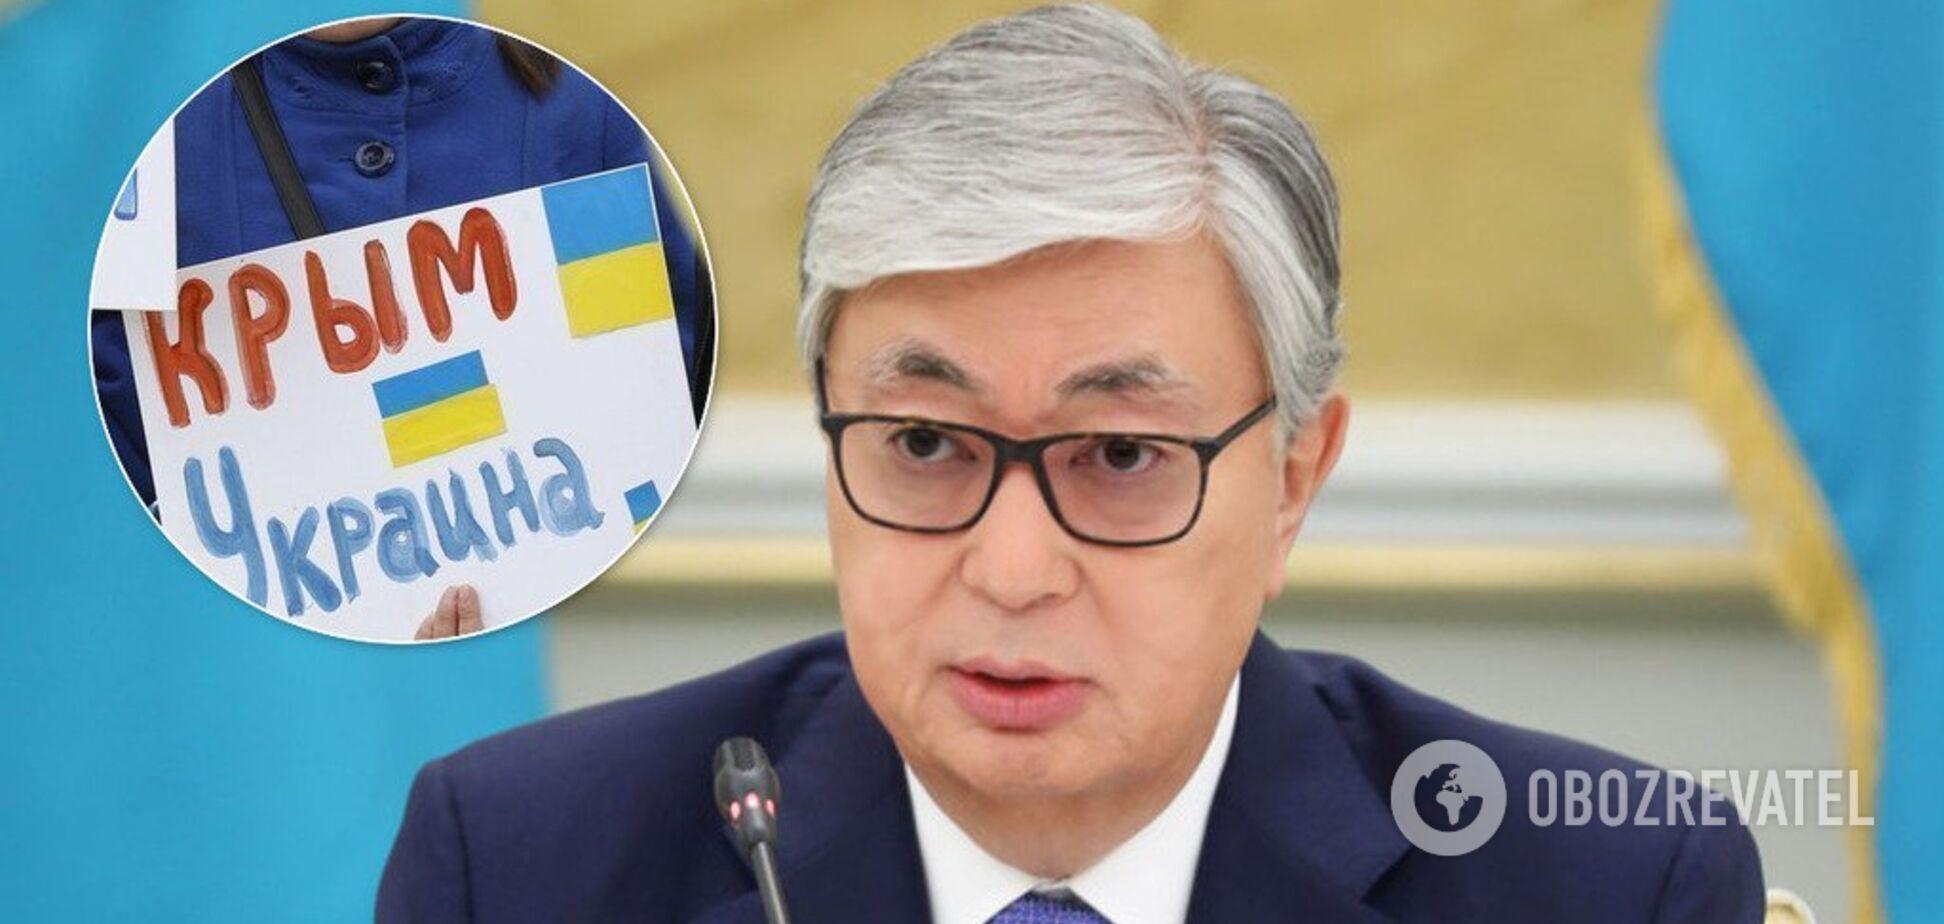 Казахстан попал в громкий скандал из-за 'российского' Крыма: появились подробности